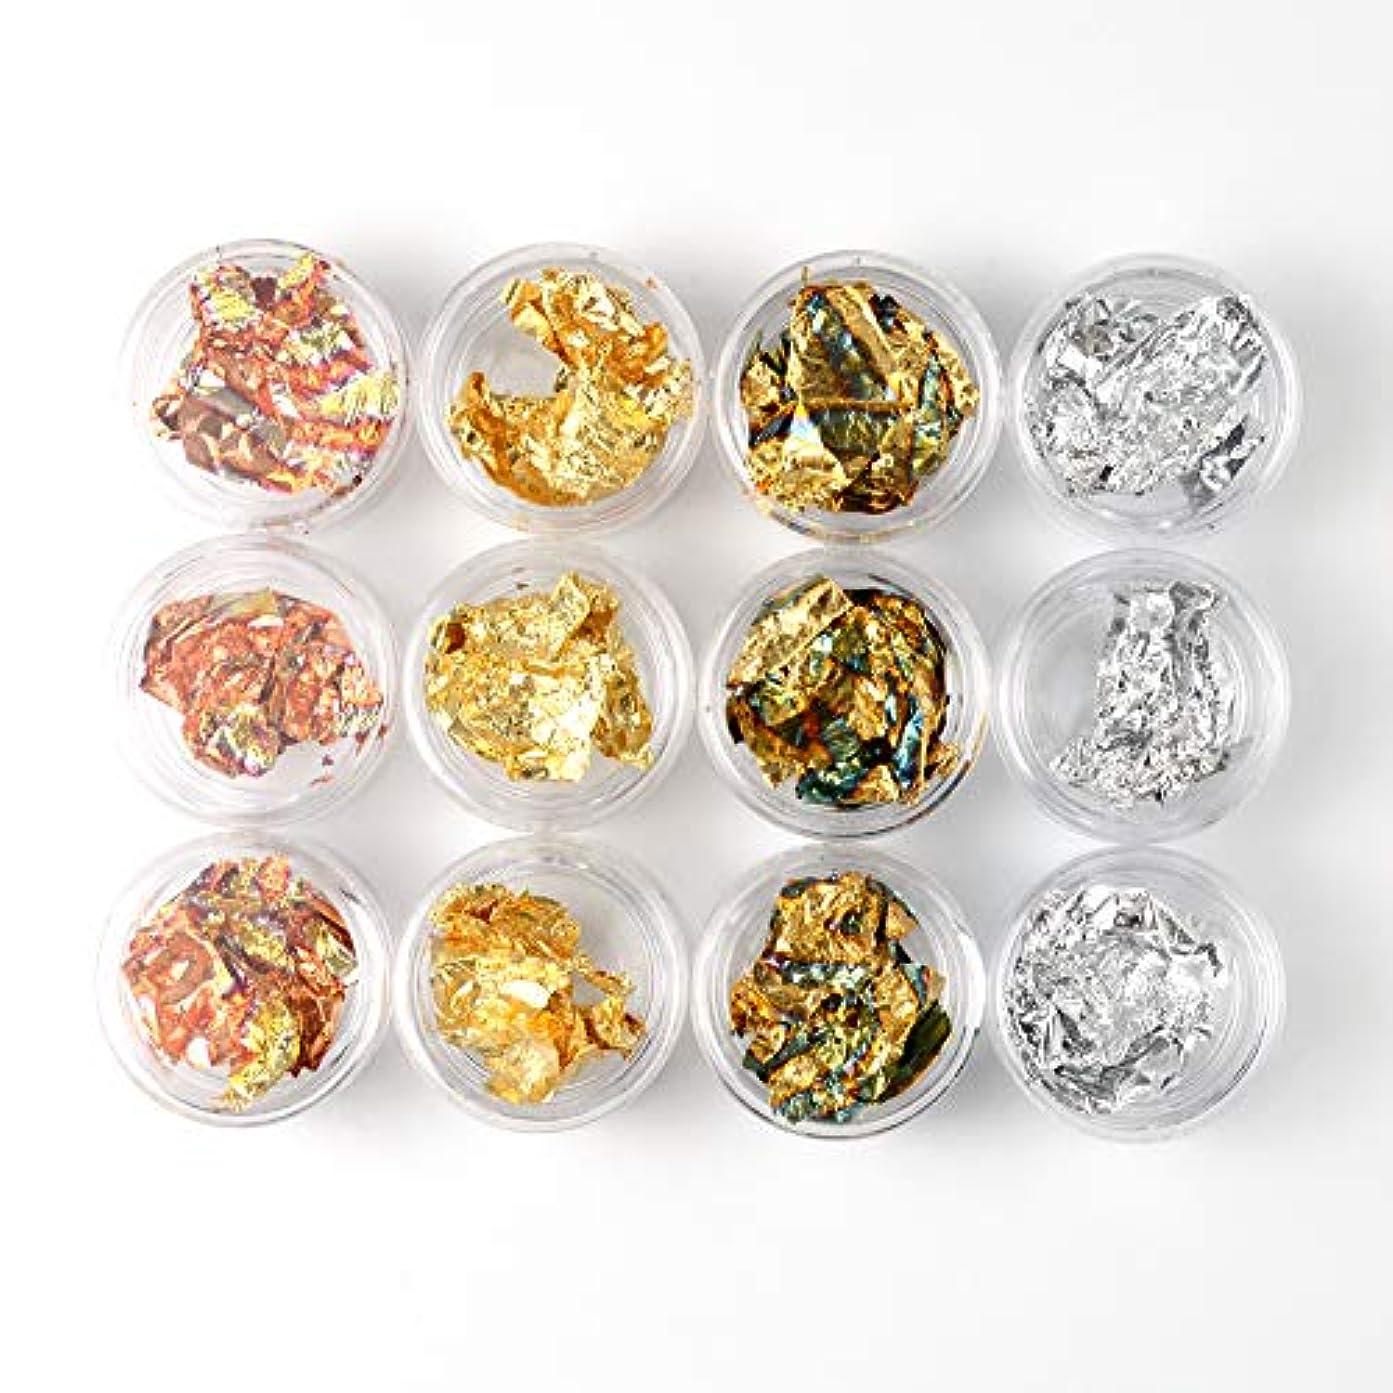 私たちの品揃えに負けるメーリンドス ネイルデザインパーツ ネイルホイルシール?ステッカー 金銀箔シール グリッターマニキュアアートデコレーション 4色 12本セット ケース付け